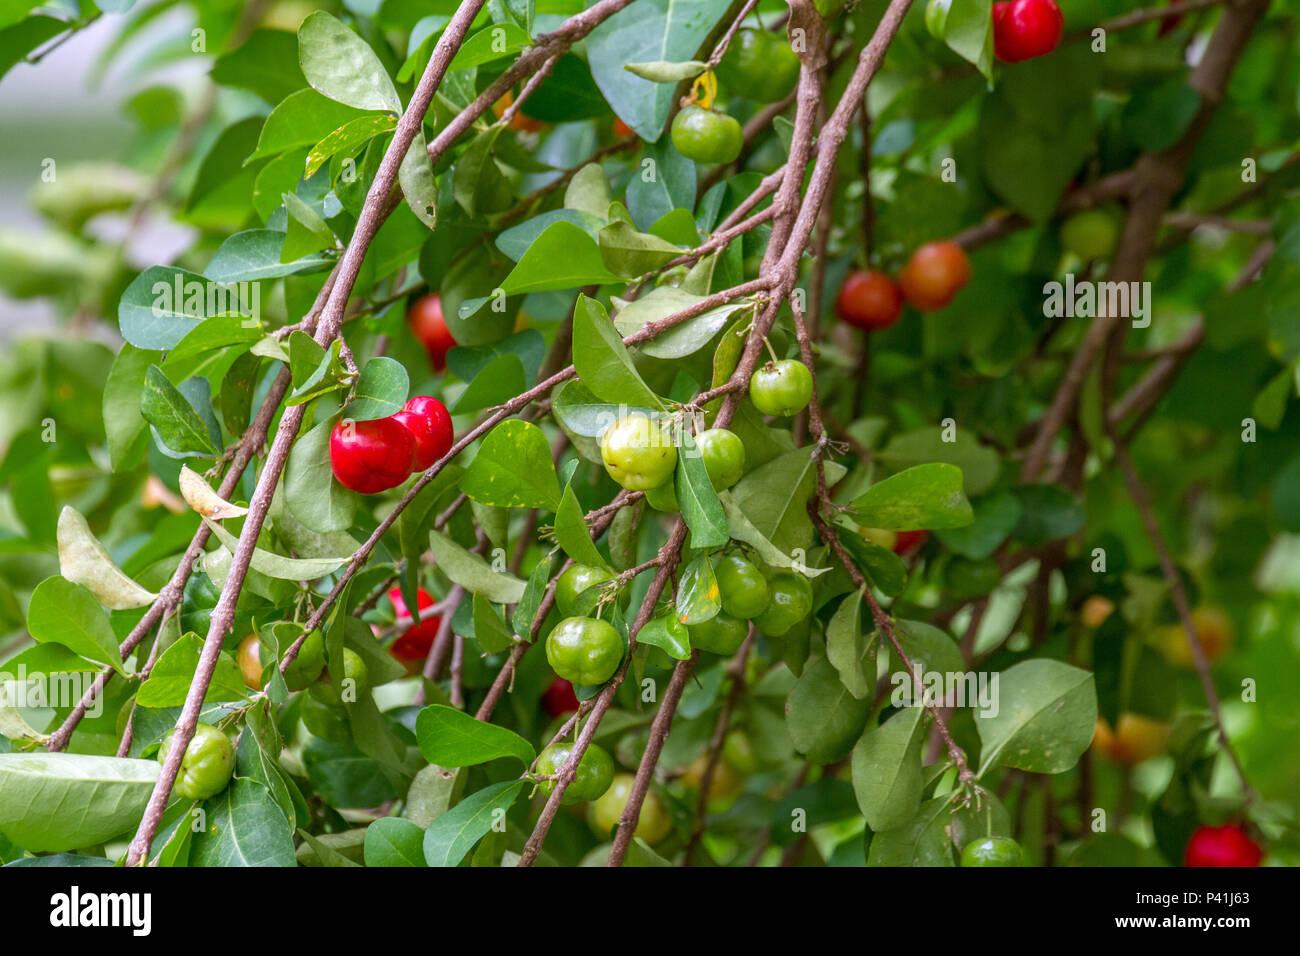 Aquidauana-MS antilhas cereja-de-barbados fruta fruta rica em Vitamina C saudável suco suco bebidas bebidas de fruta alimento líquido Imagen De Stock